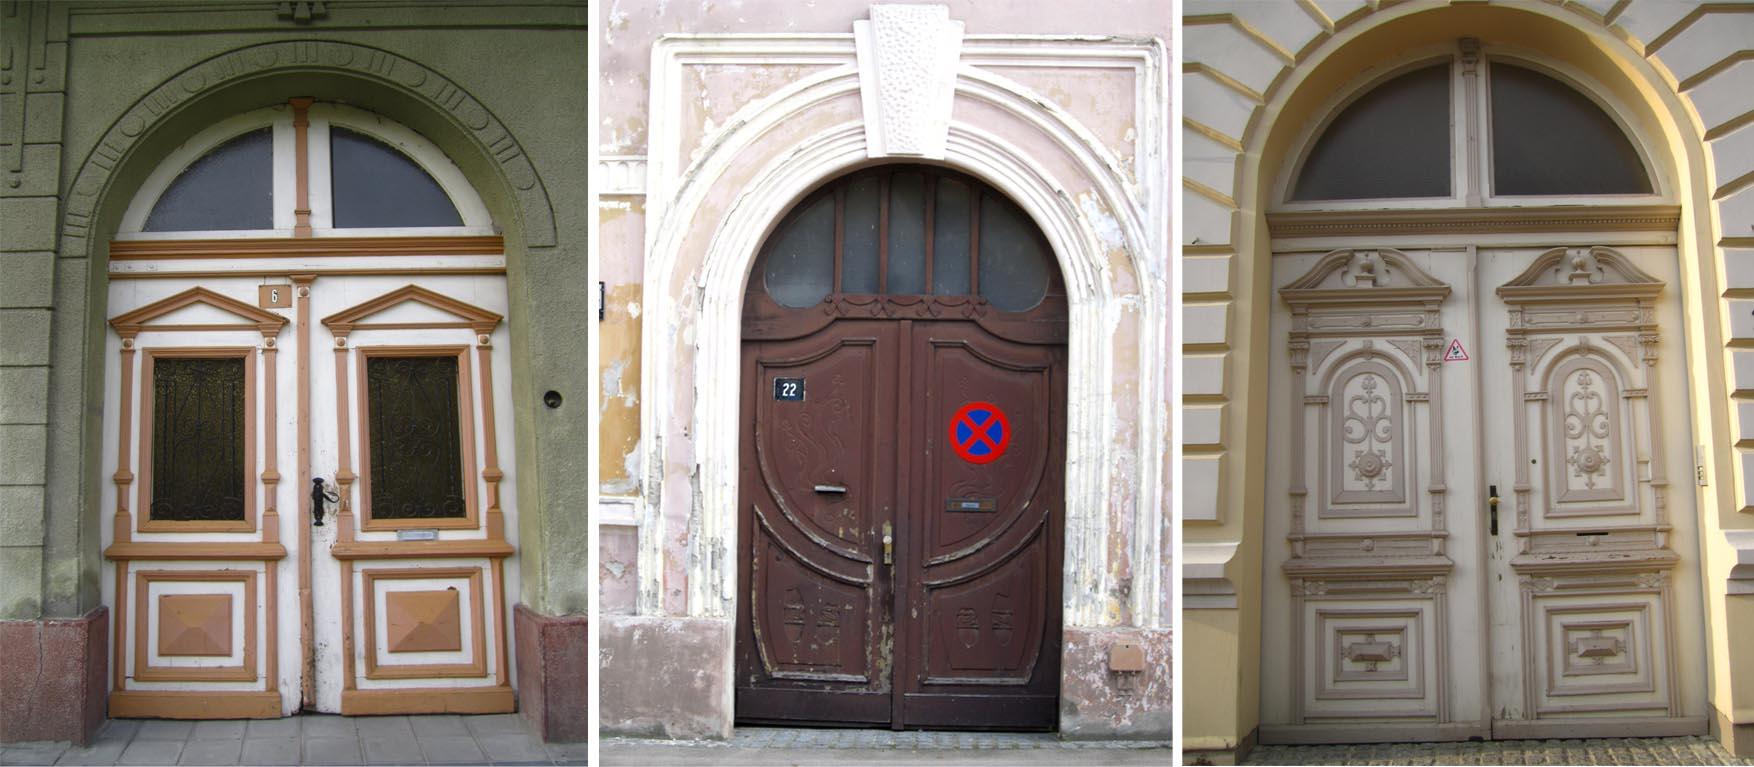 75 sombor vrata